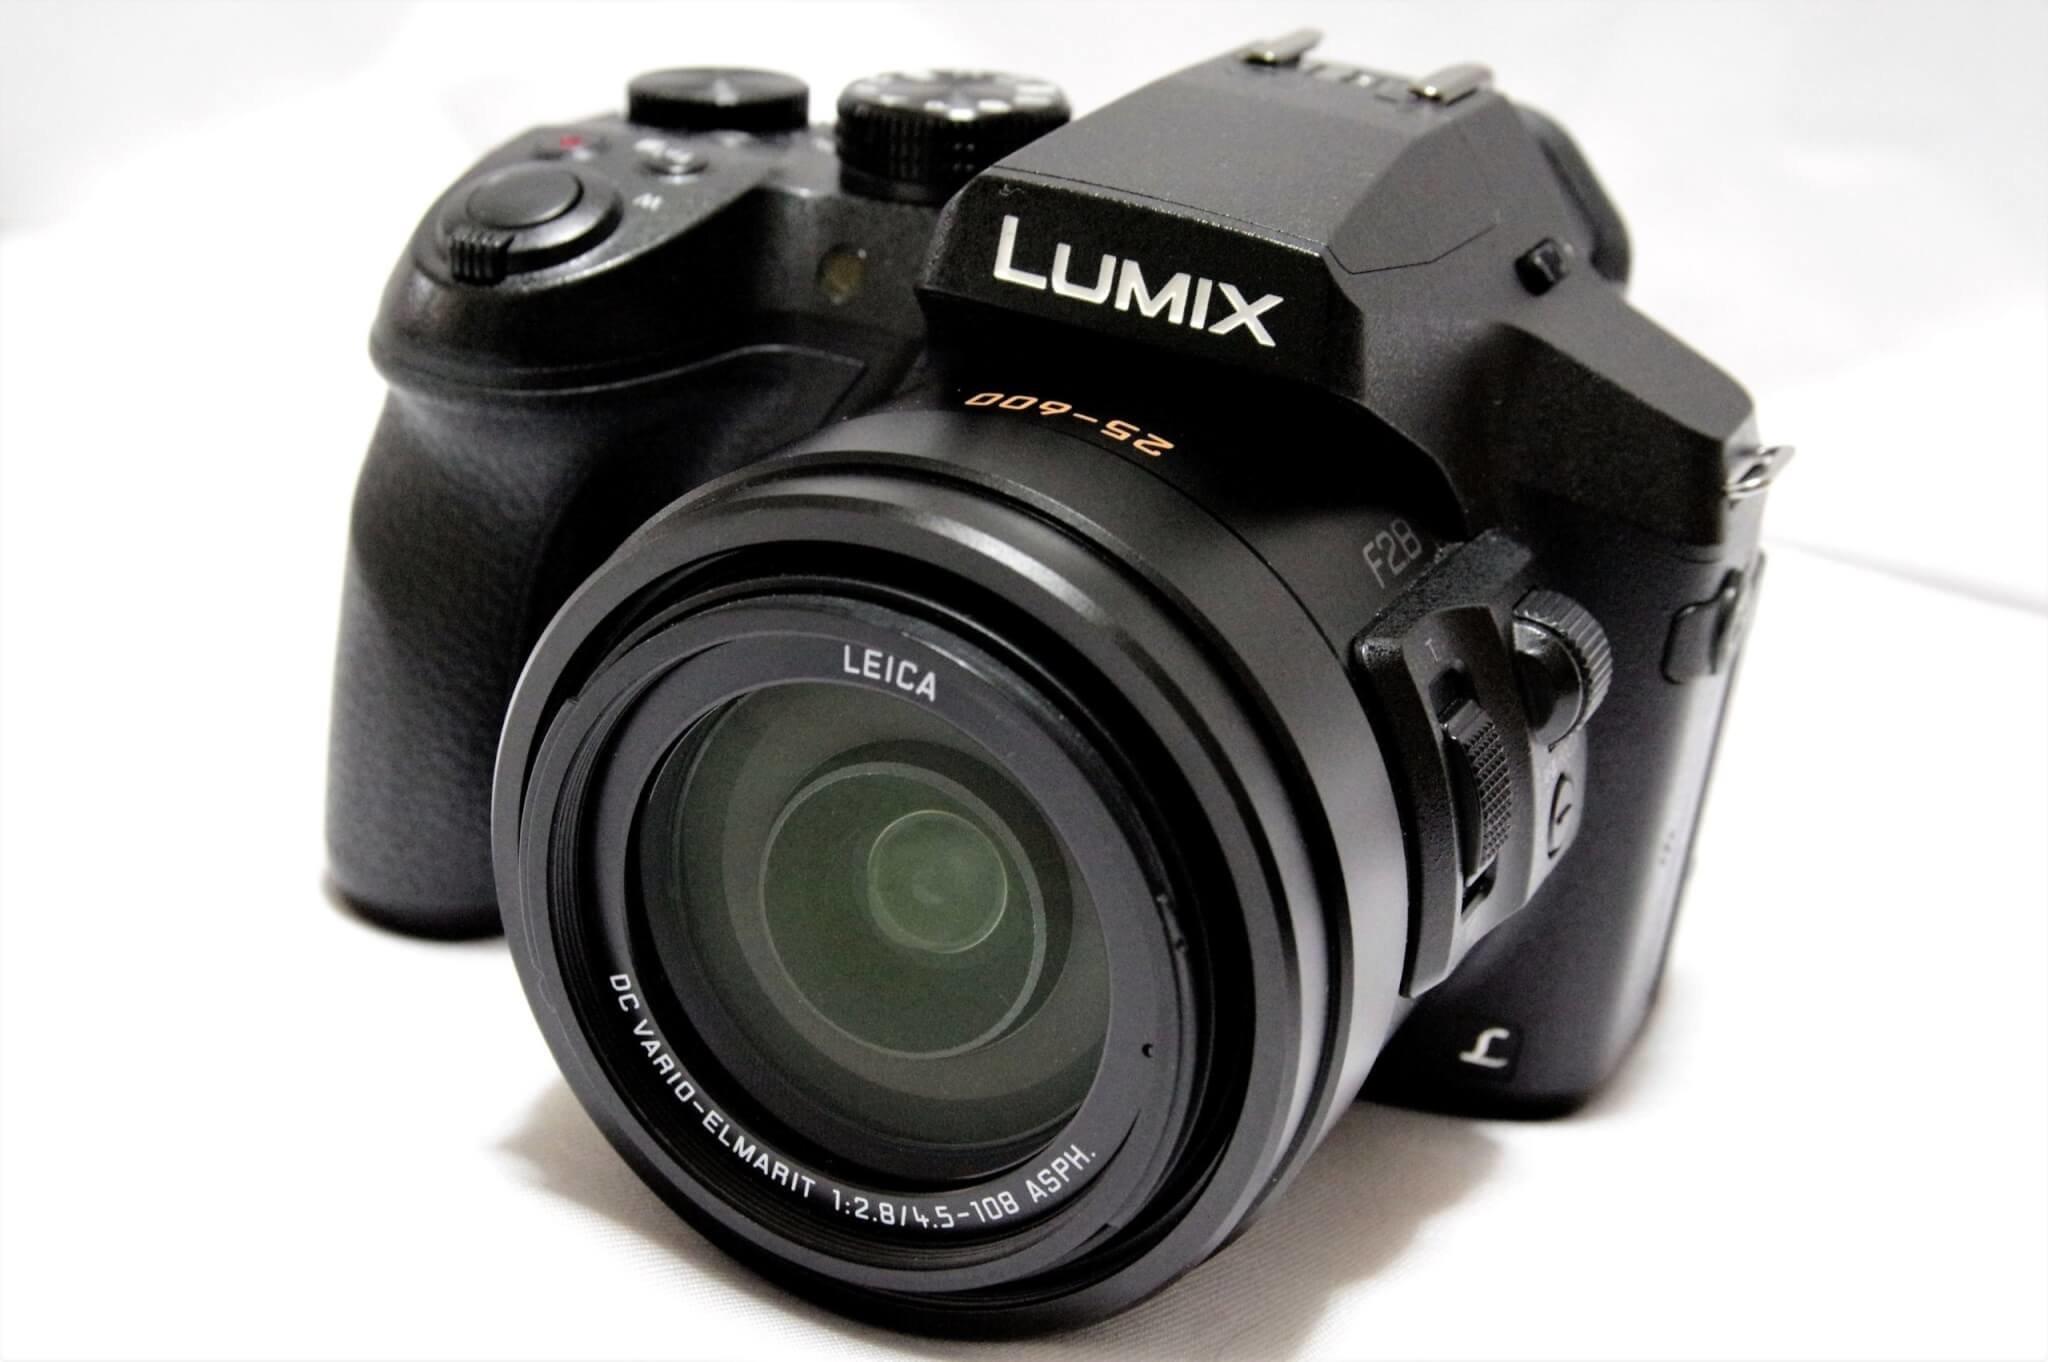 Panasonic LUMIX DMC-FZ300実写レビュー。ズーム全域でF値2.8を実現した高倍率コンデジ